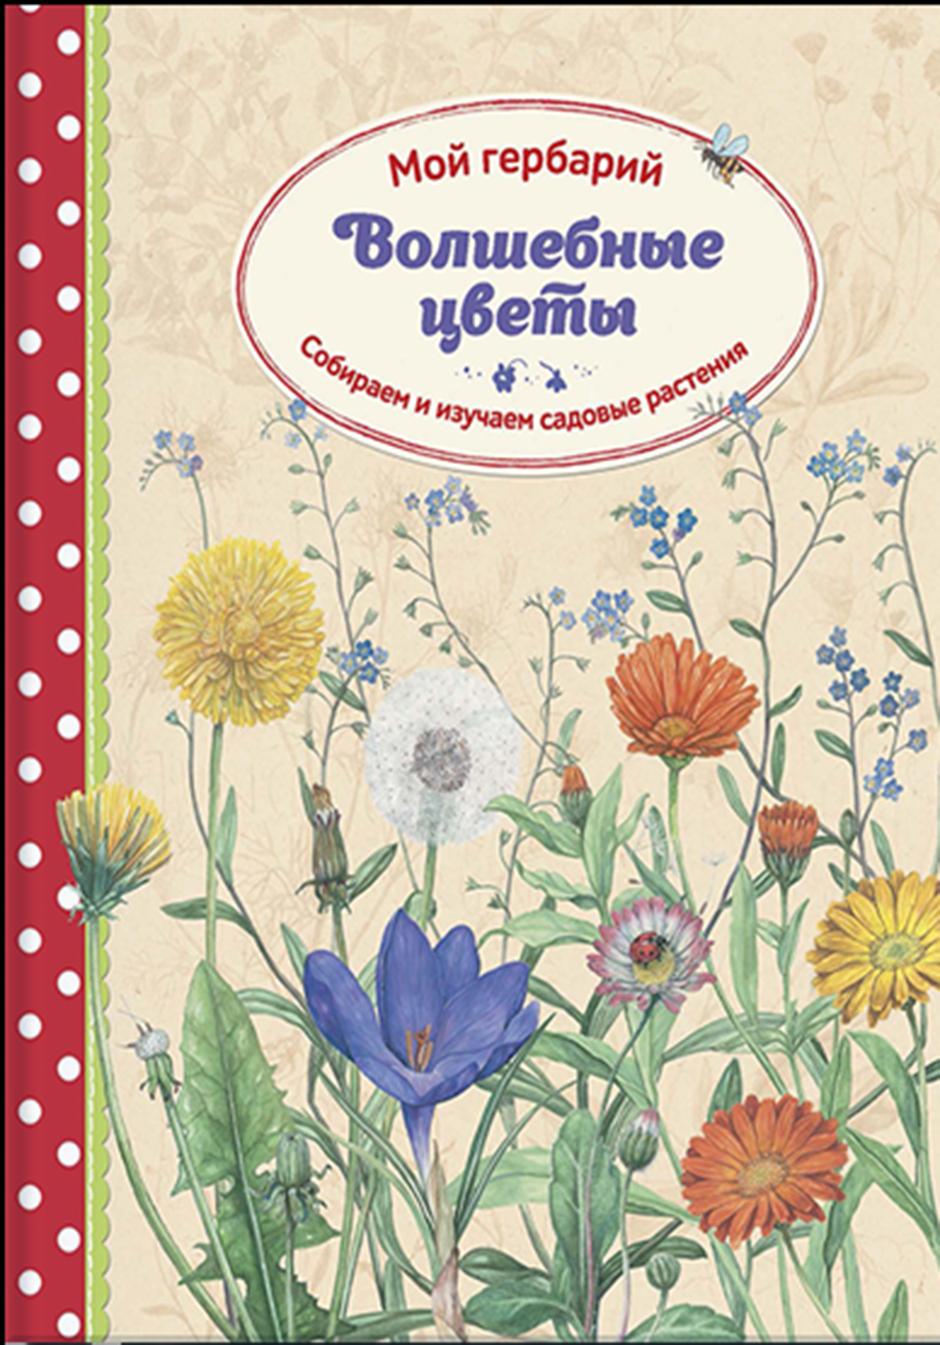 Стефани Циск и Ларс Баус «Волшебные цветы. Мой гербарий»